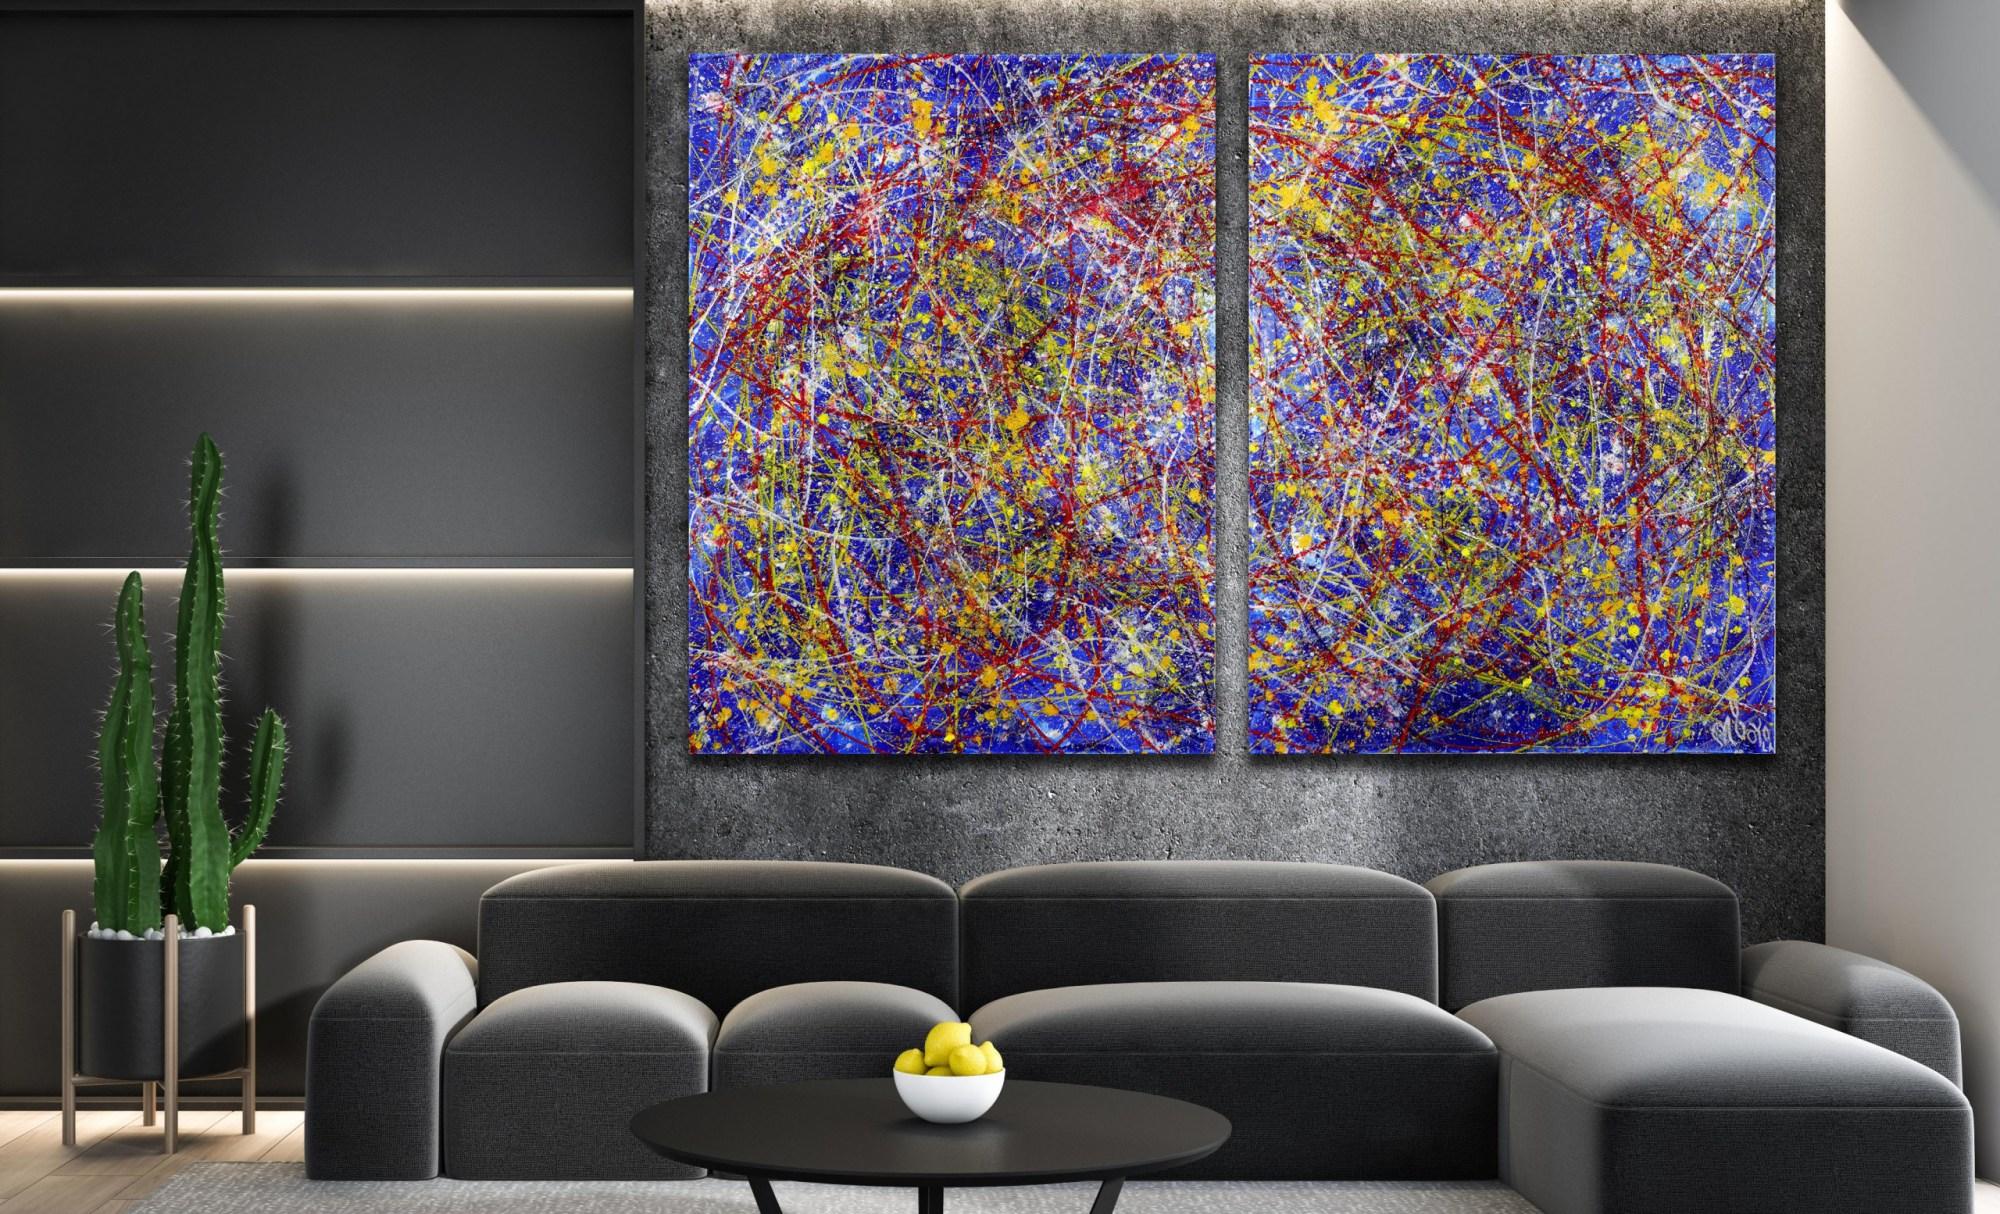 Tangled Up In Blue (2021) / ARTIST: NESTOR TORO